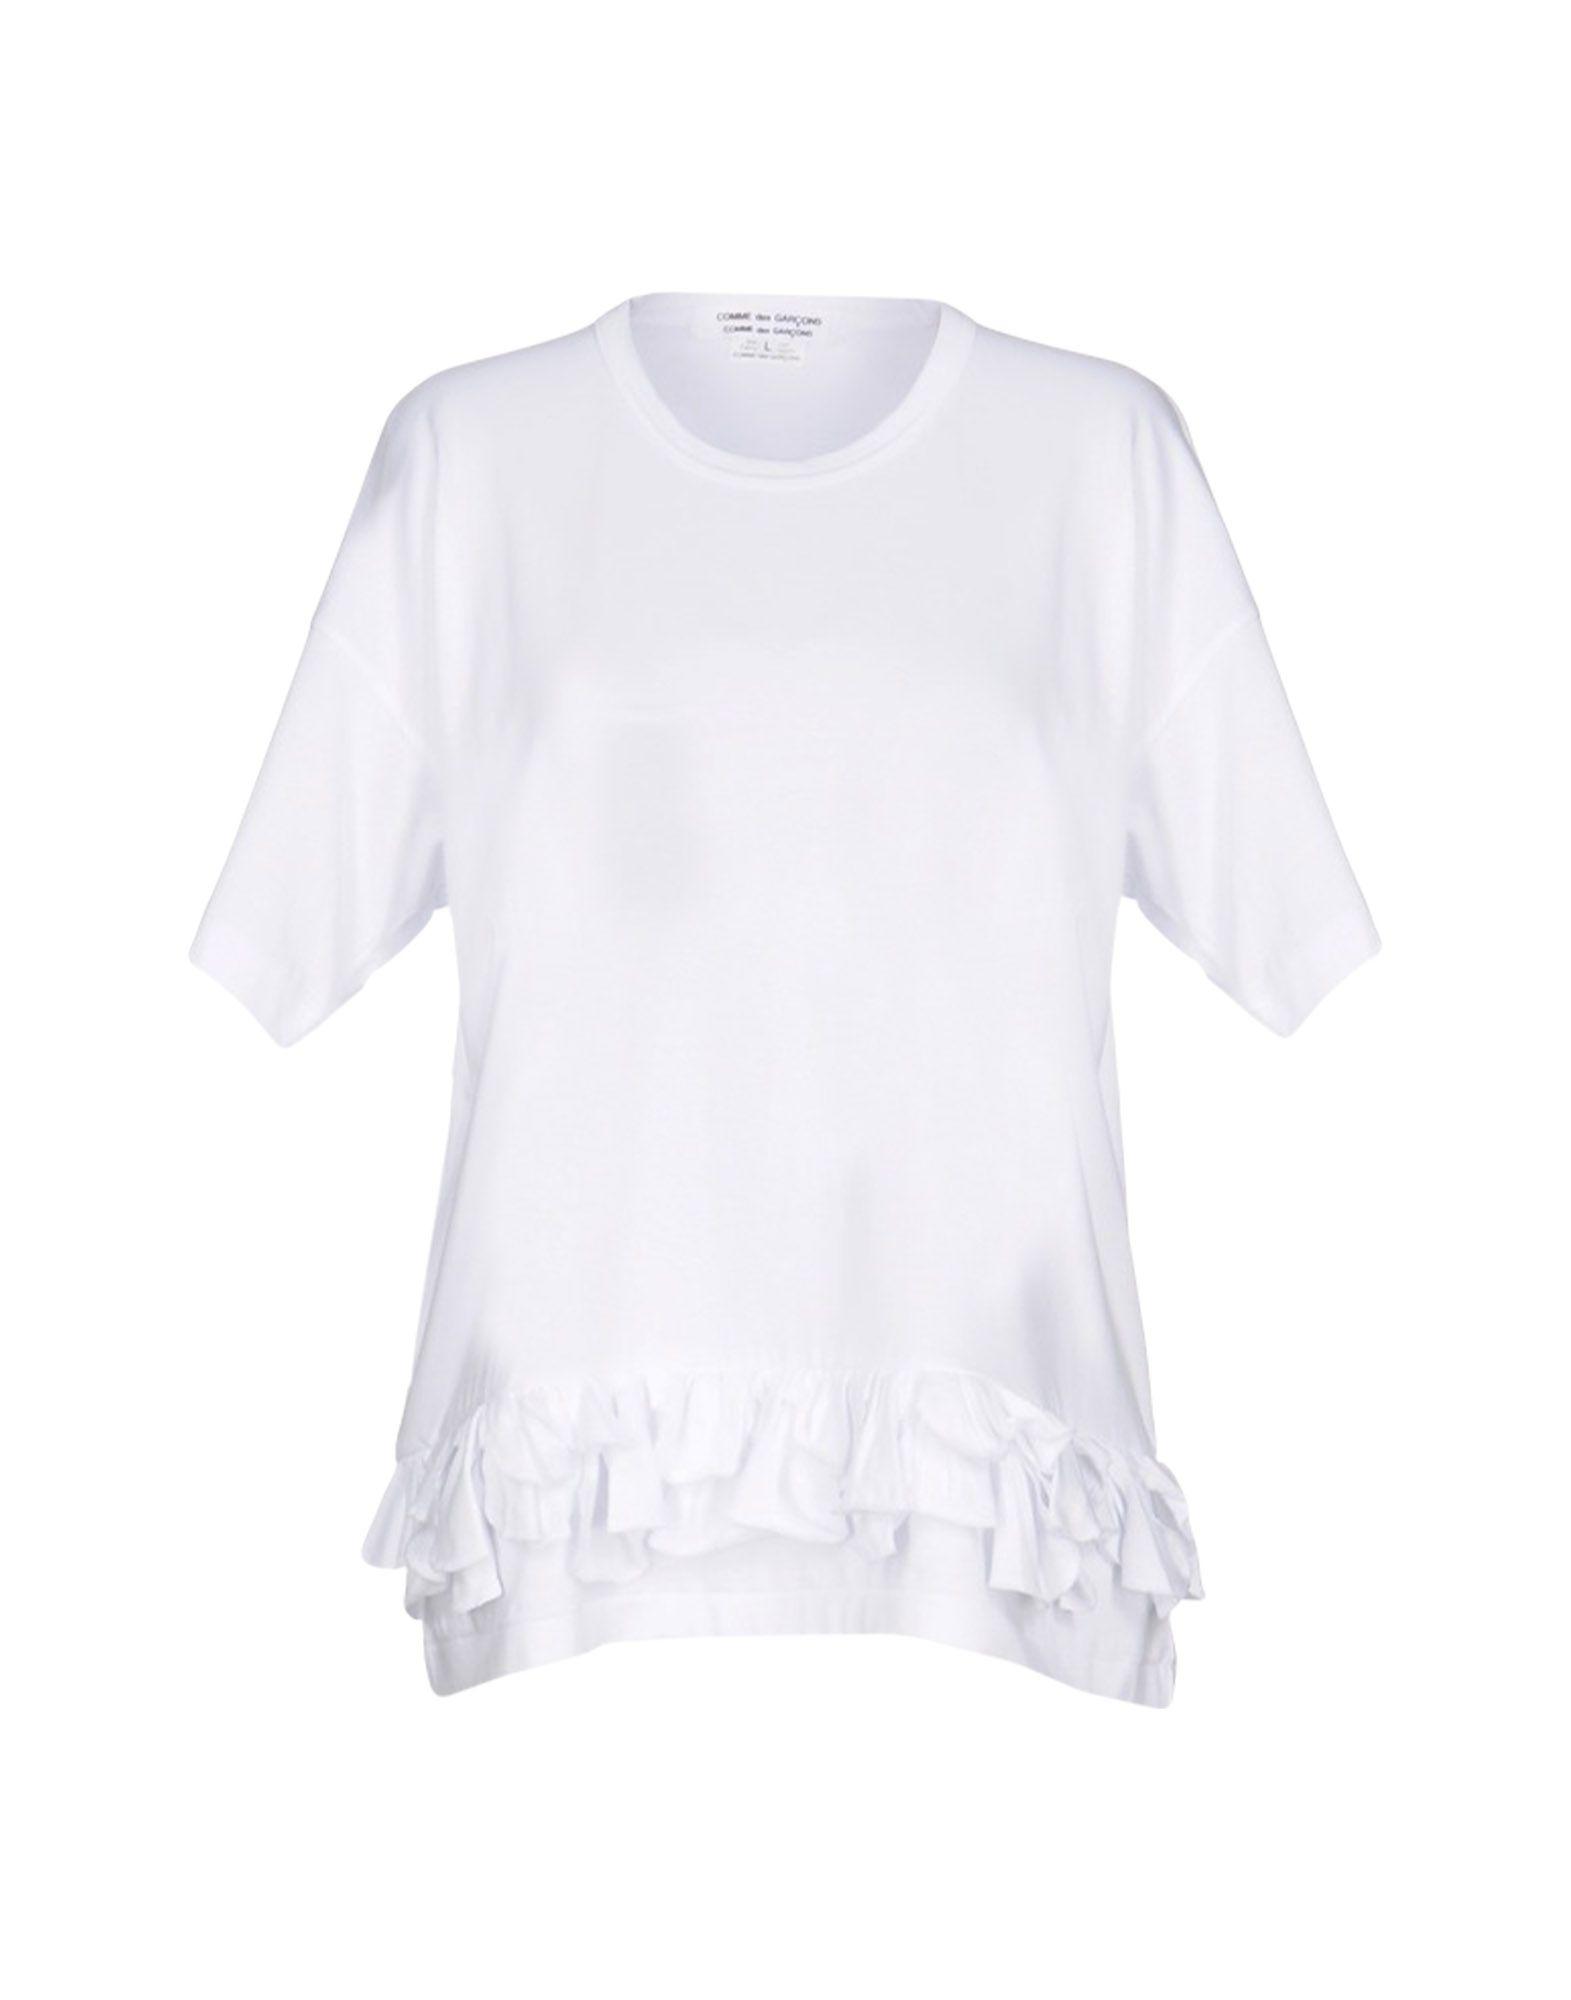 T-Shirt Comme Des Garçons Comme Des Garçons Donna - Acquista online su ZnacZjIGn